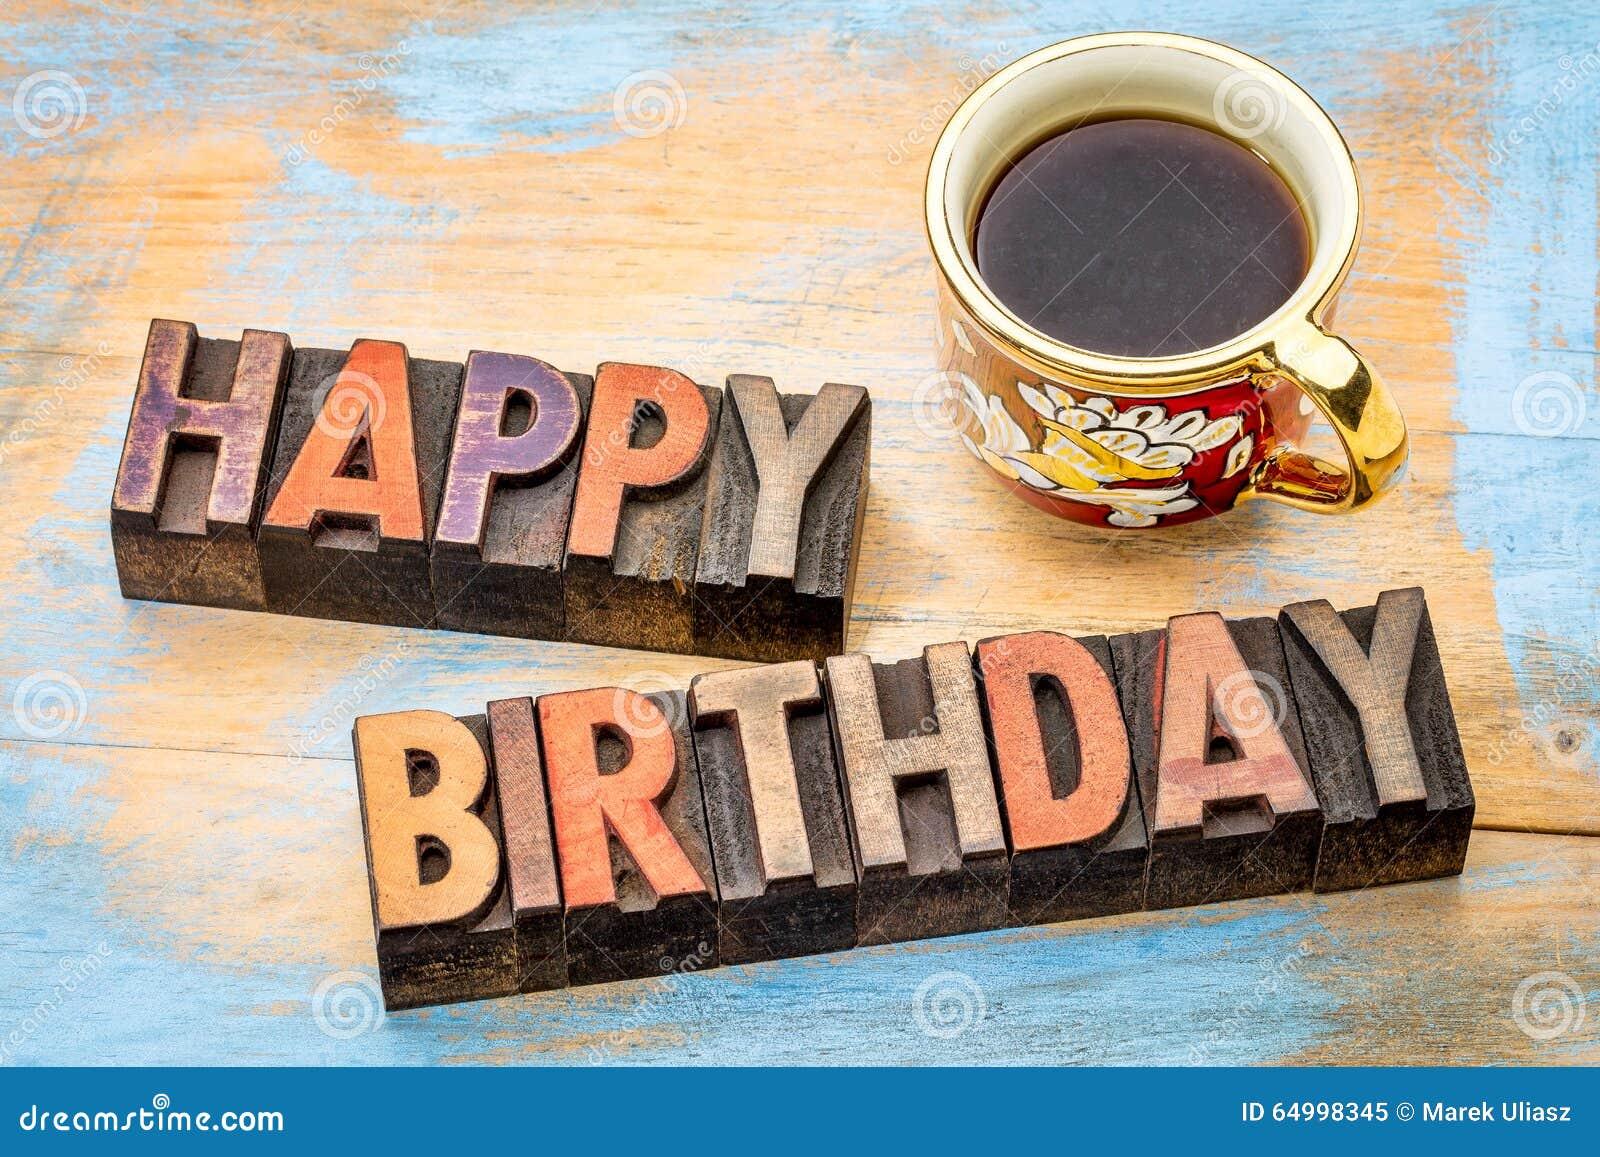 Joyeux anniversaire dans le type en bois avec du caf photo stock image 64998345 - Vieillir du bois avec du cafe ...